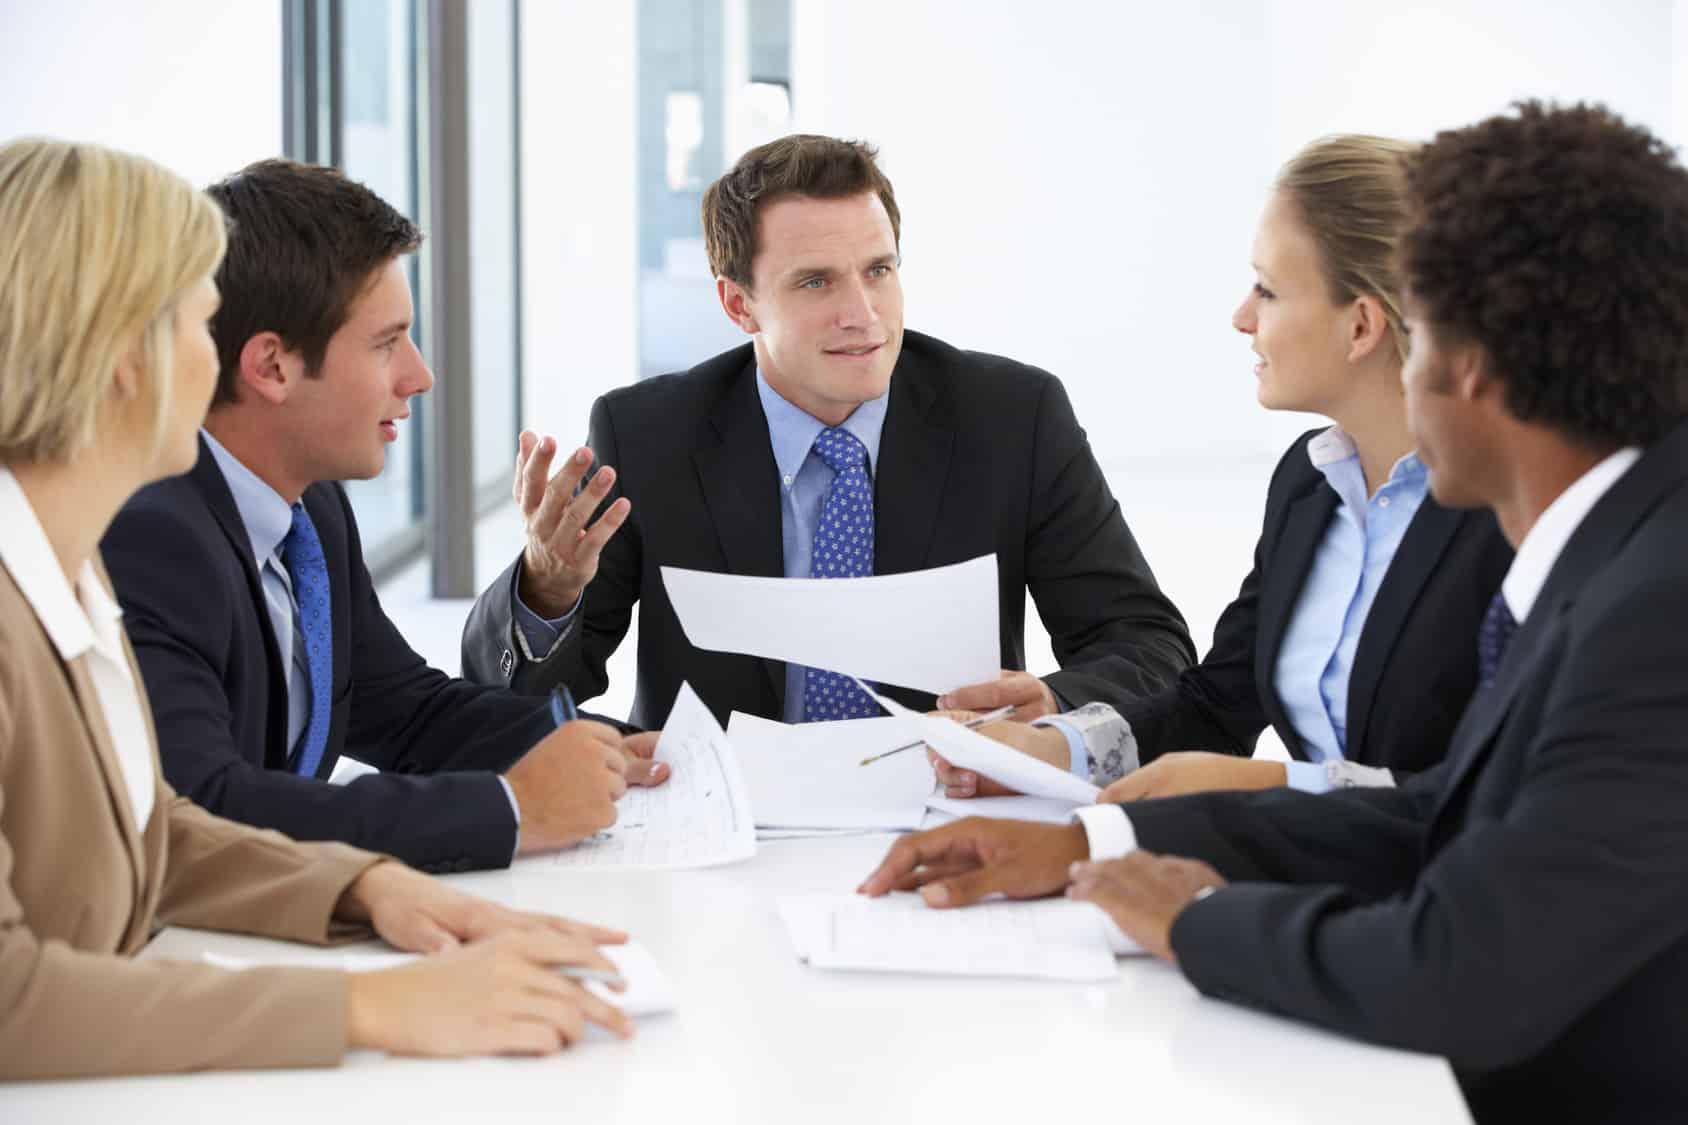 Une réunion de travail sur un projet d'investissement